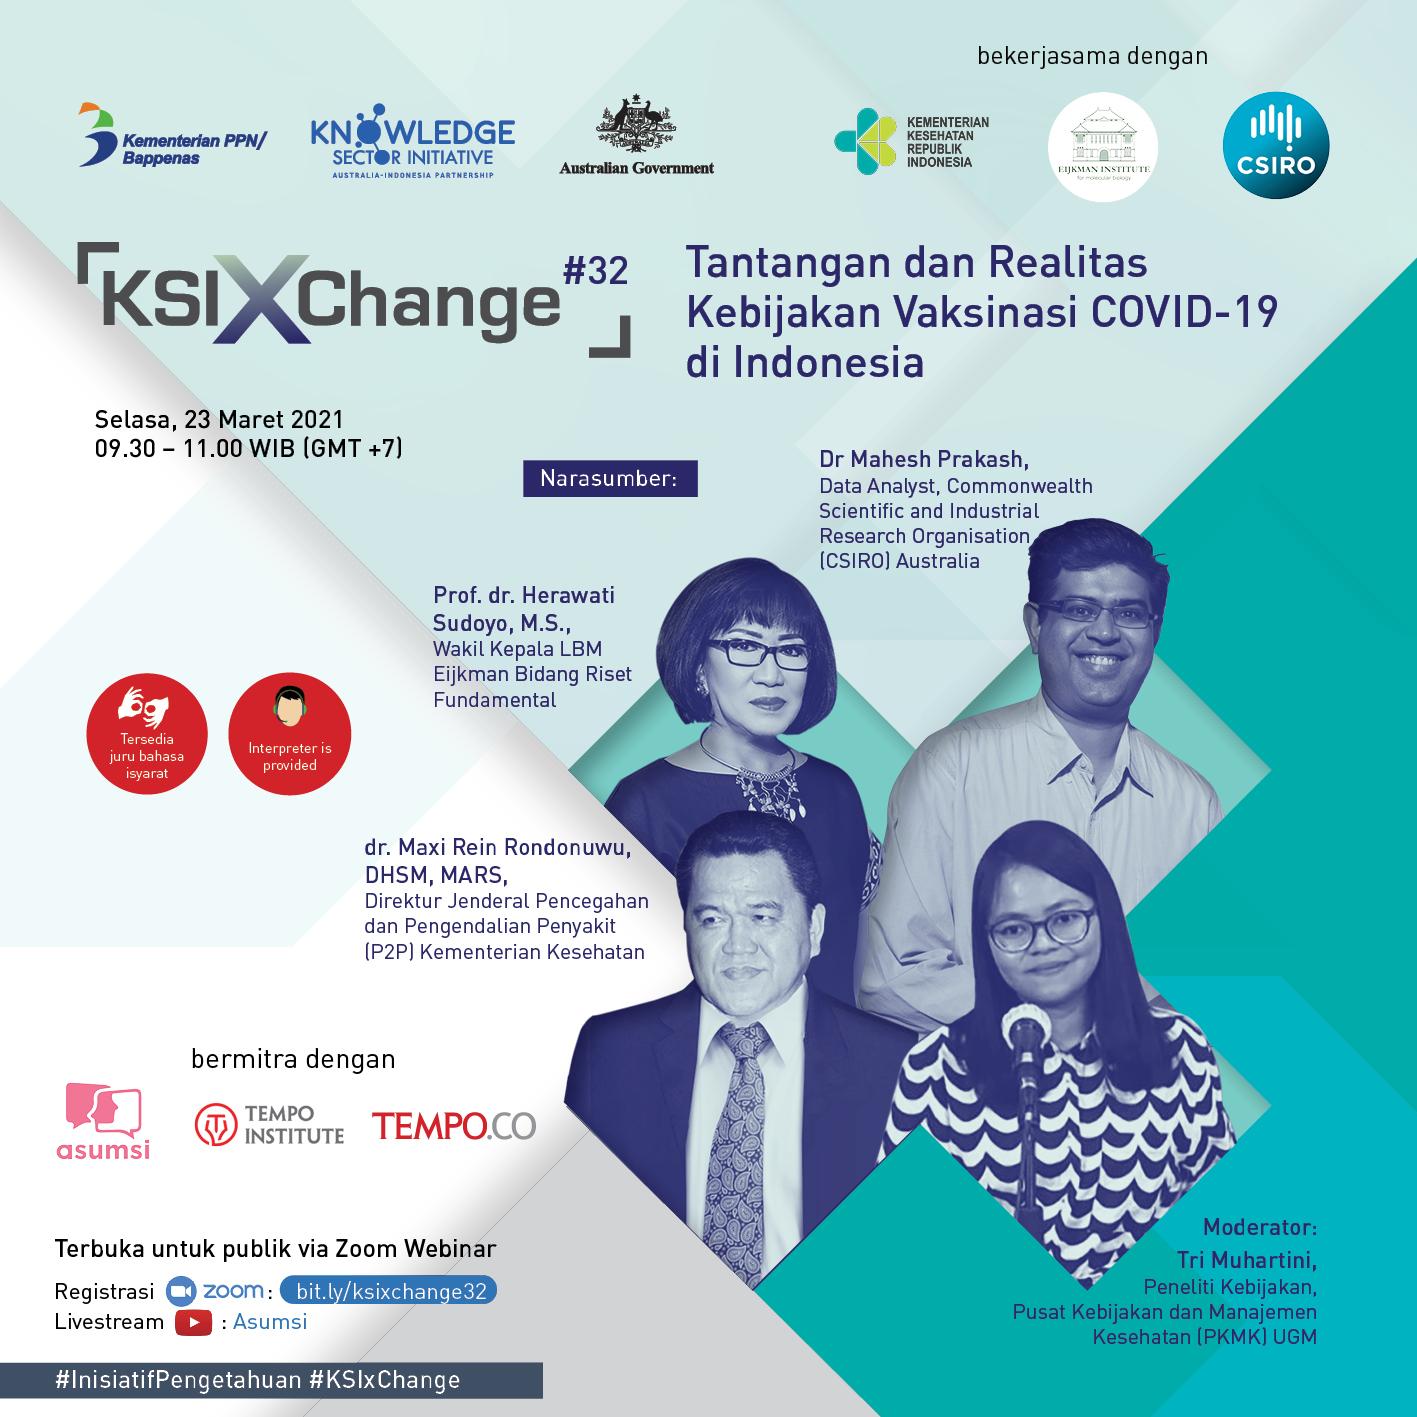 KSIxChange #32: Tantangan dan Realitas Kebijakan Vaksinasi COVID-19 di Indonesia